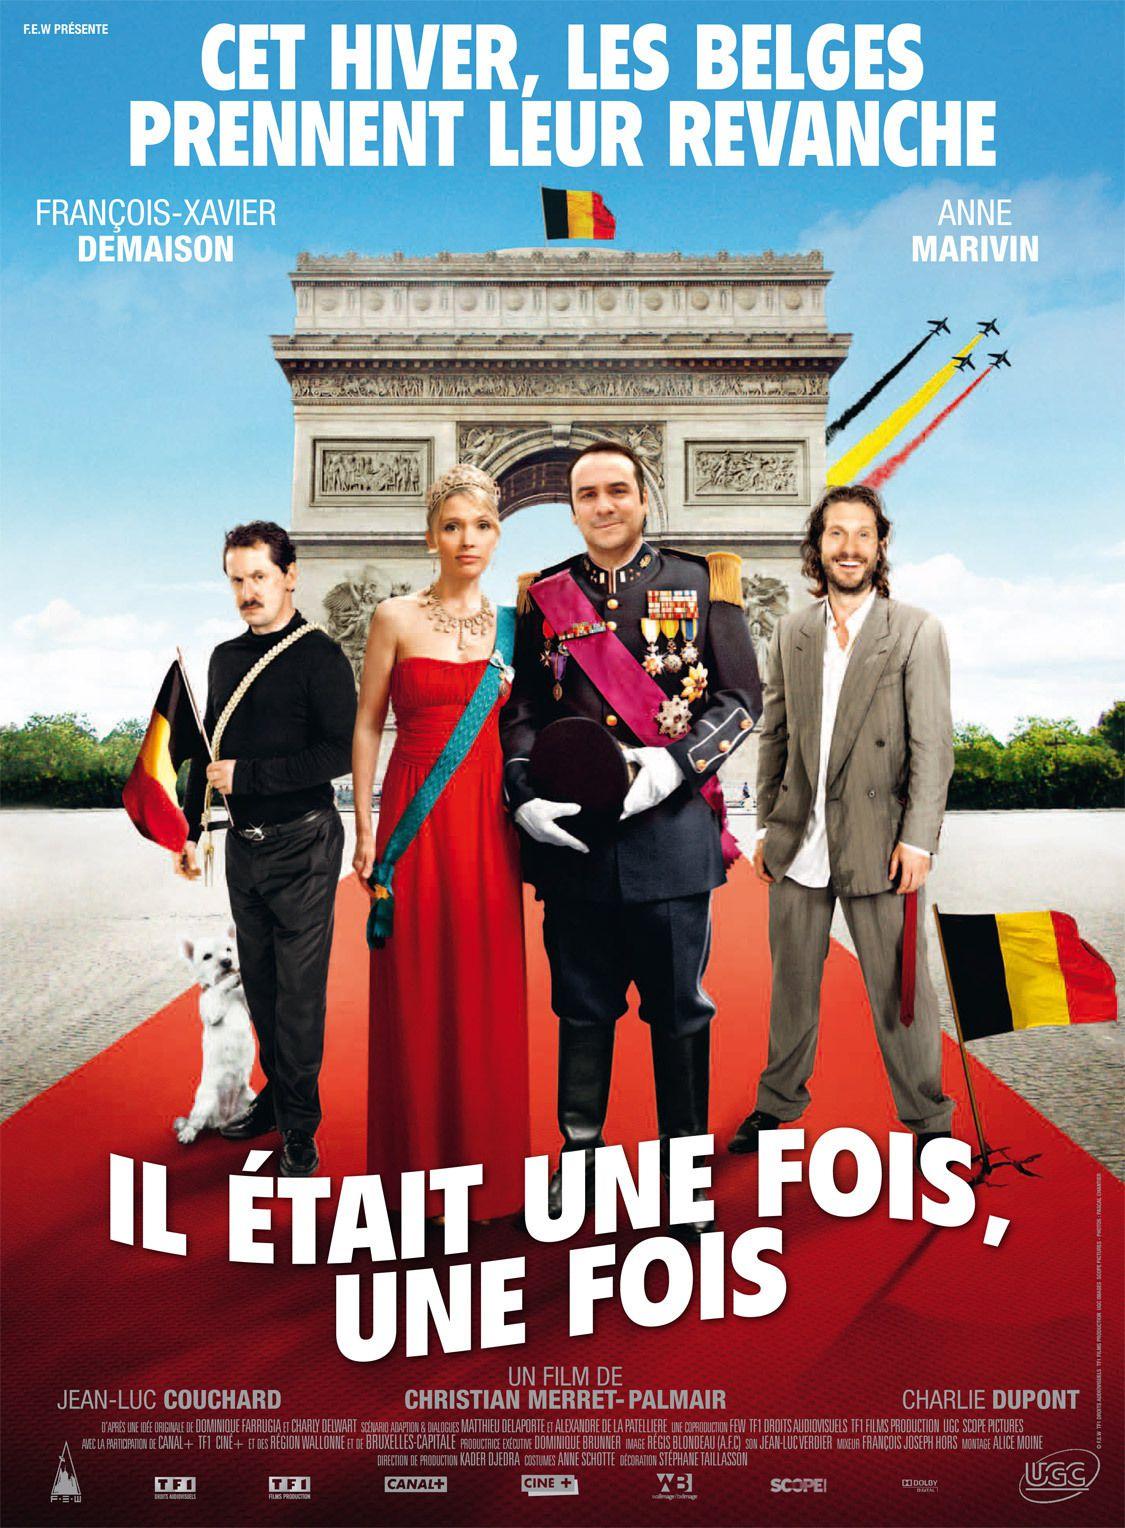 Il était une fois, une fois - Film (2012)